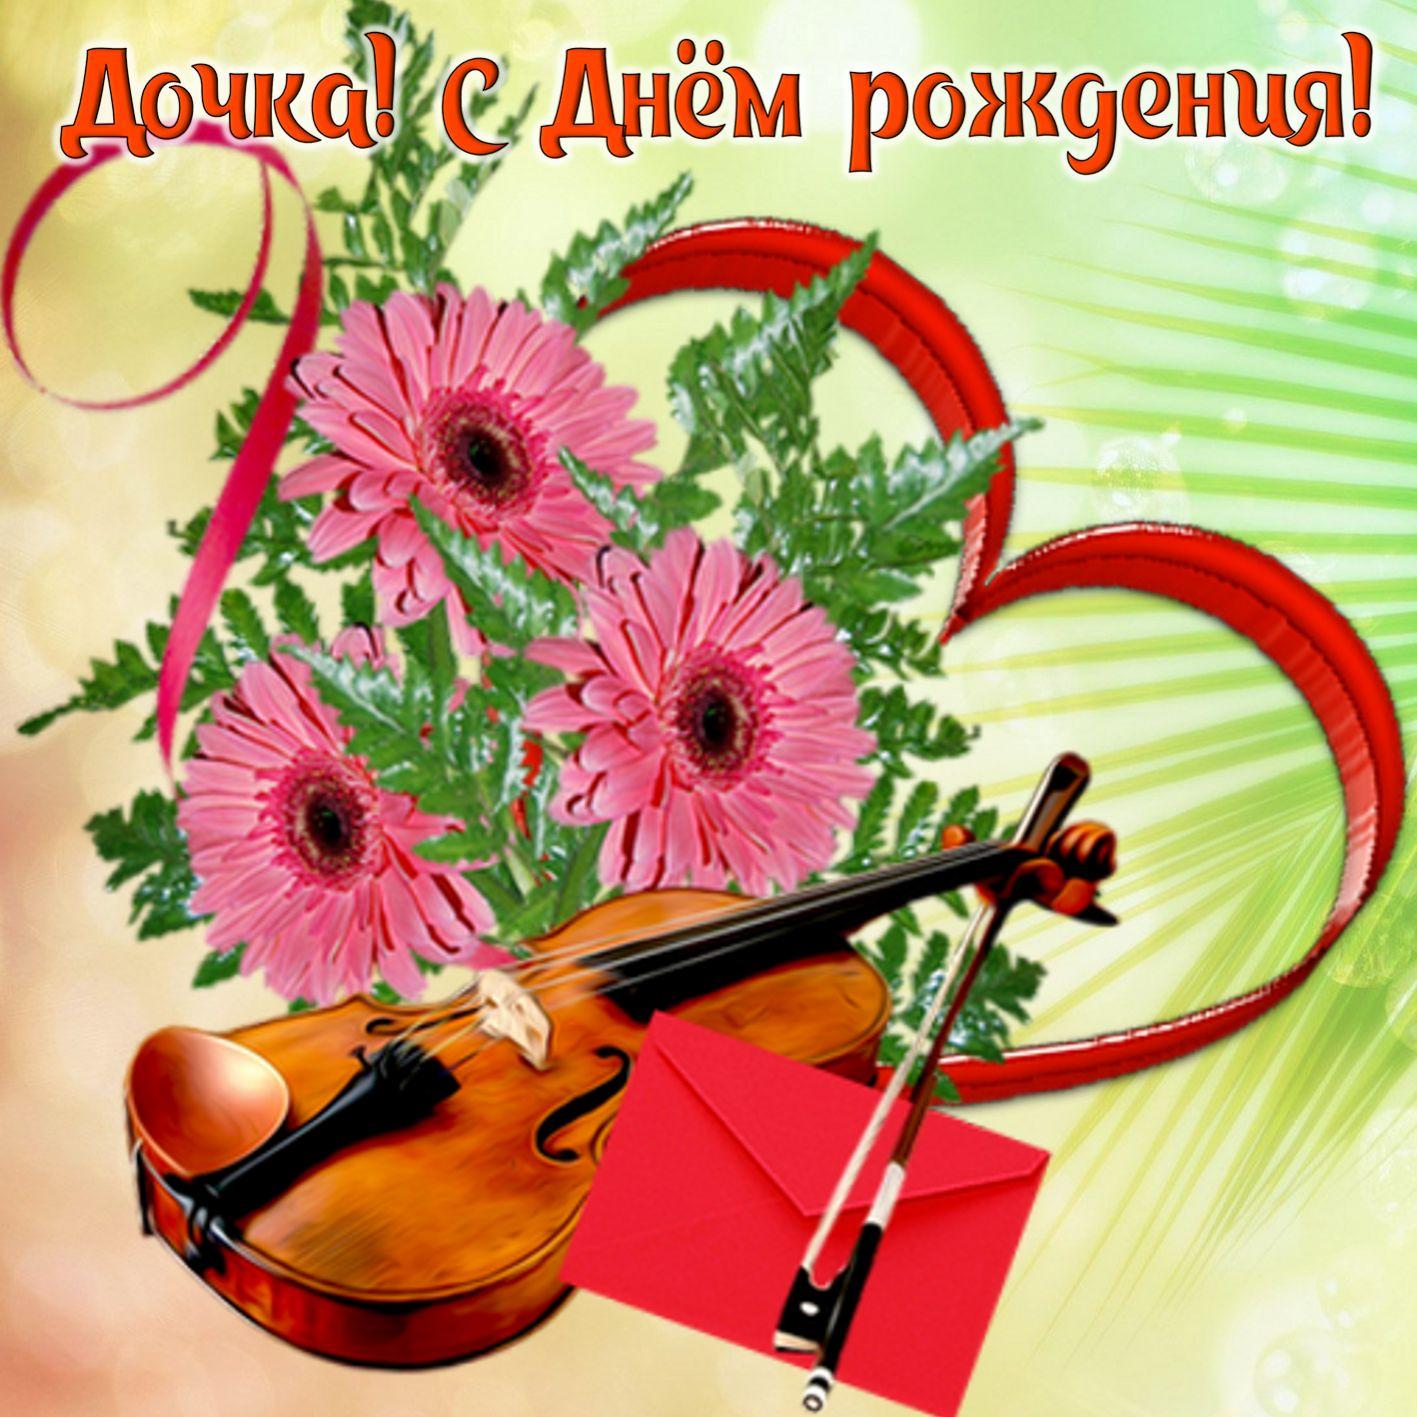 Открытка, открытка скрипачу с днем рождения